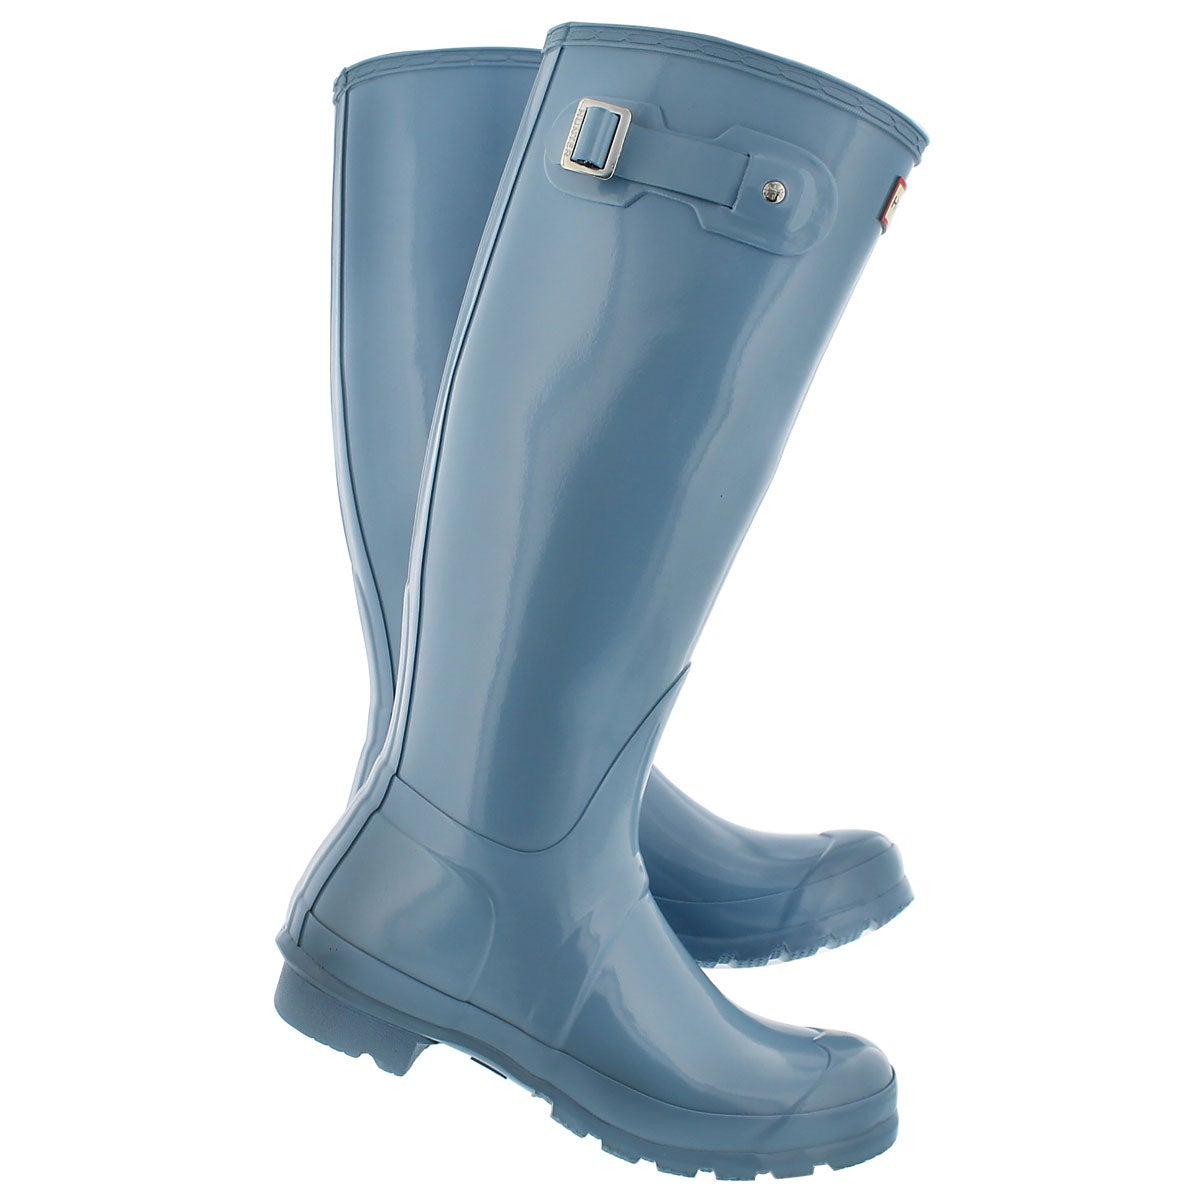 Lds Orig. Tall Gloss sky blue rain boot